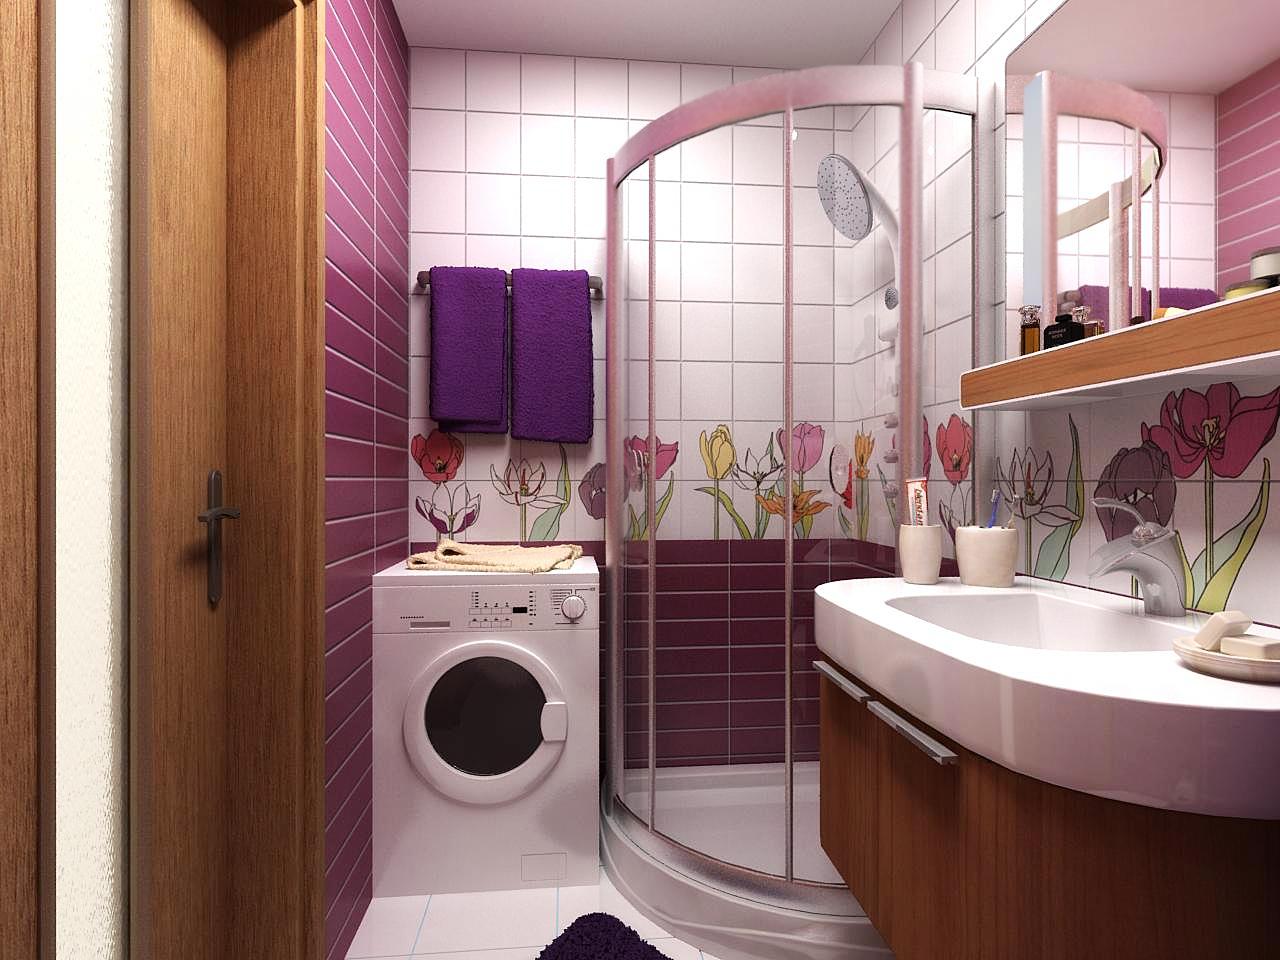 Дизайн интерьера ванной секс онлайни туалета